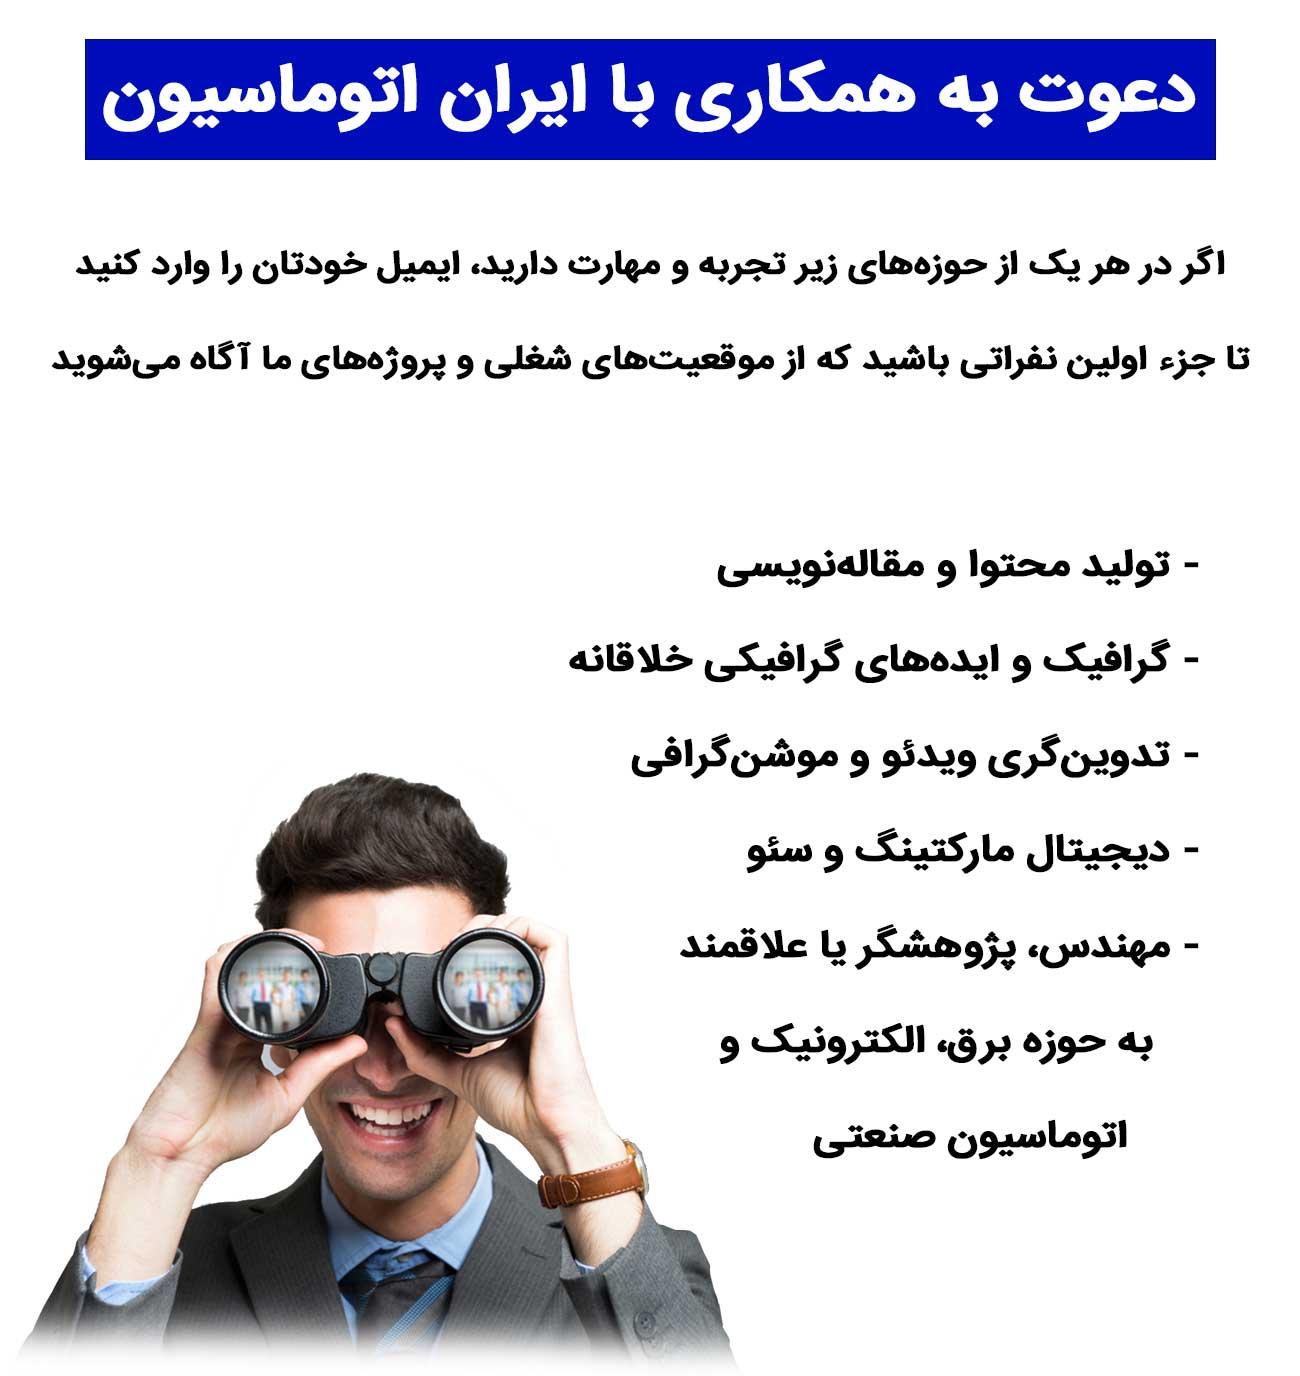 دعوت به همکاری ایران اتوماسیون